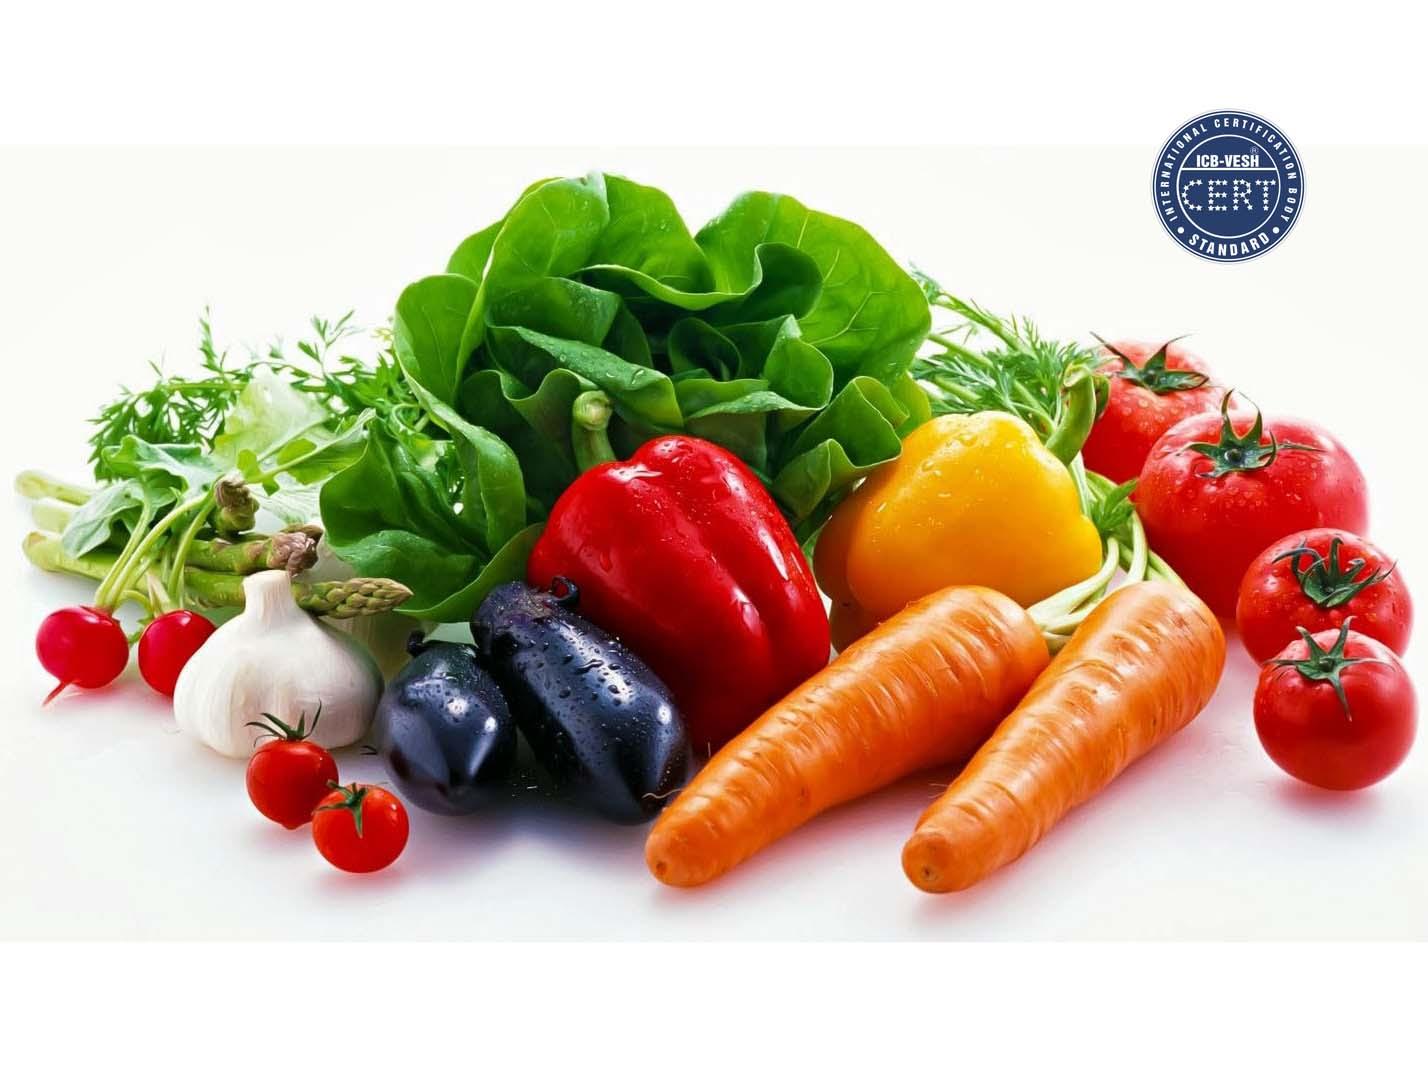 Áp dụng ISO 22000 chứng nhận thực phẩm